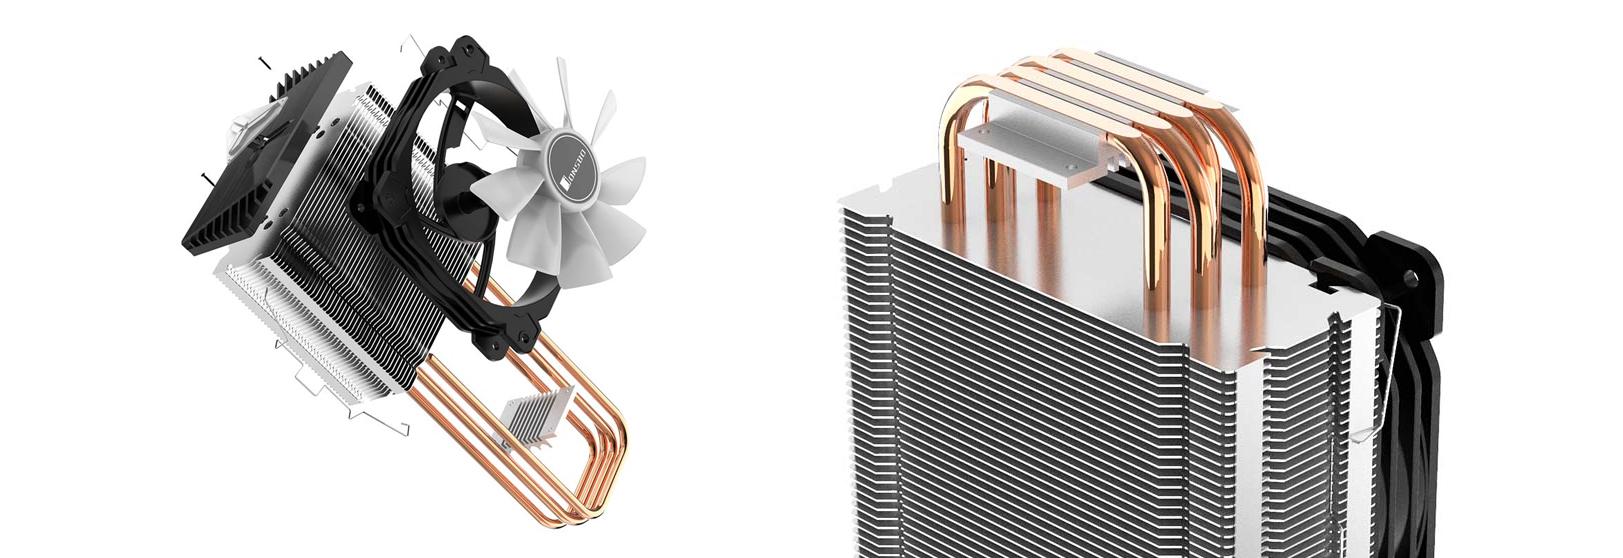 Tản nhiệt khí Jonsbo CR-1000 RGB có hiệu năng tản nhiệt tốt với diện tích lá tản lớn